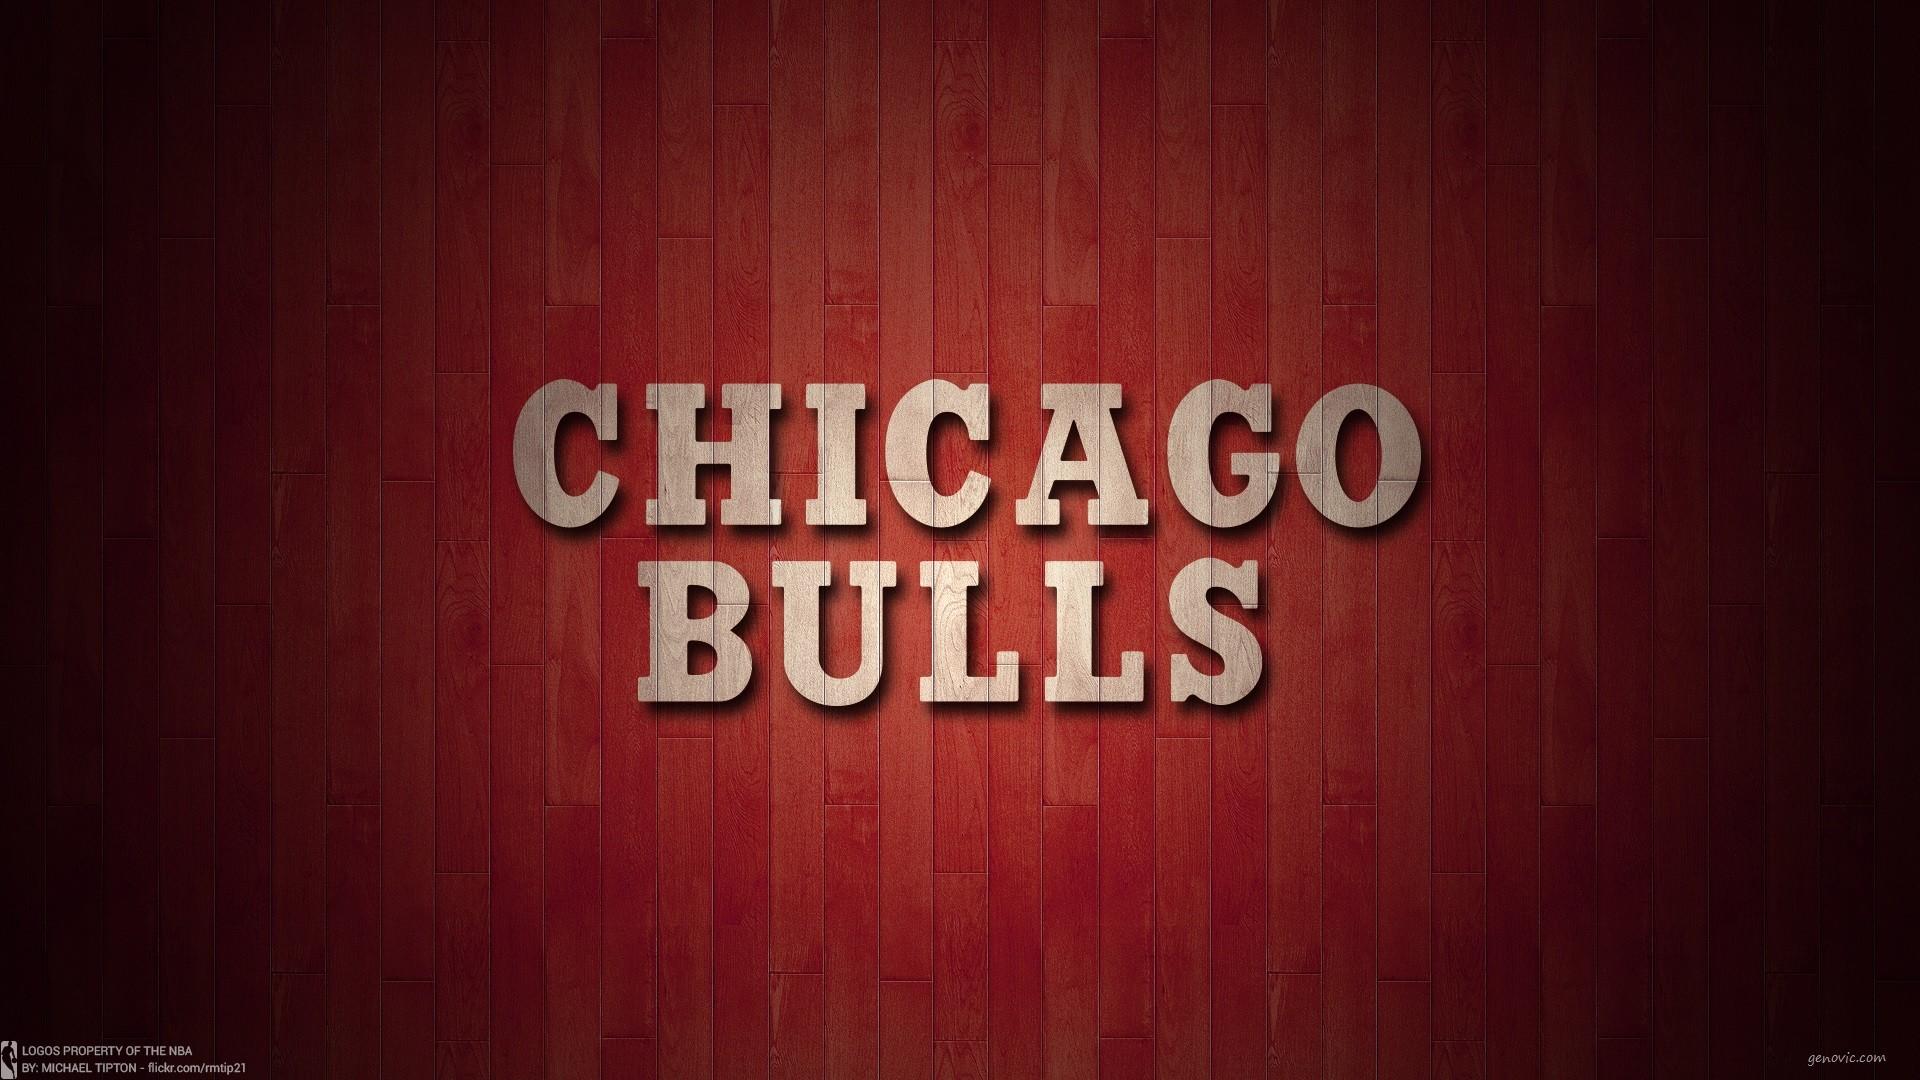 wallpaper images chicago bulls, (91 kB)   ololoshenka   Pinterest    Chicago bulls and Chicago